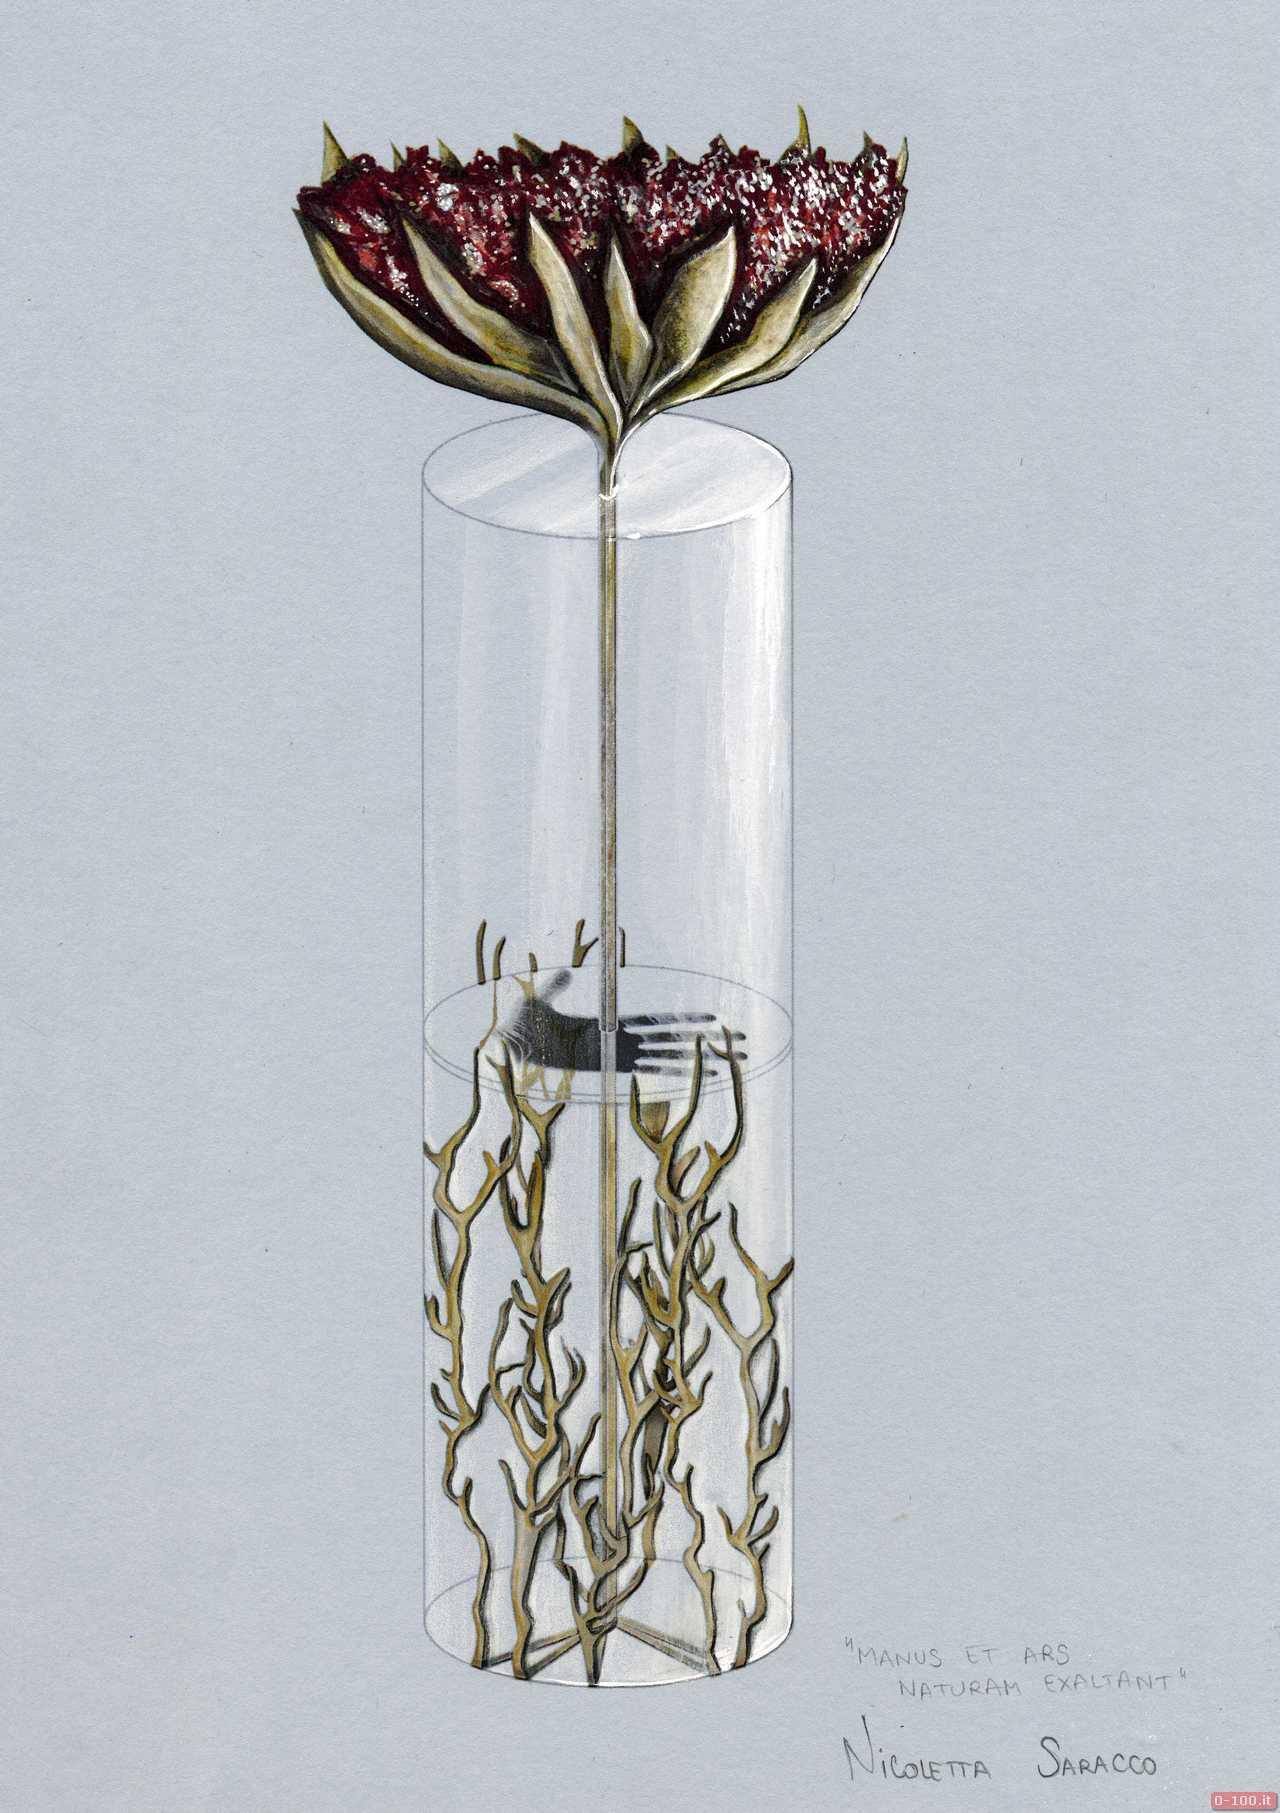 Blooming Creativity_Manus et Ars Naturam Exaltant - Nicoletta Saracco_.Van Cleef & Arpels_0-100 2